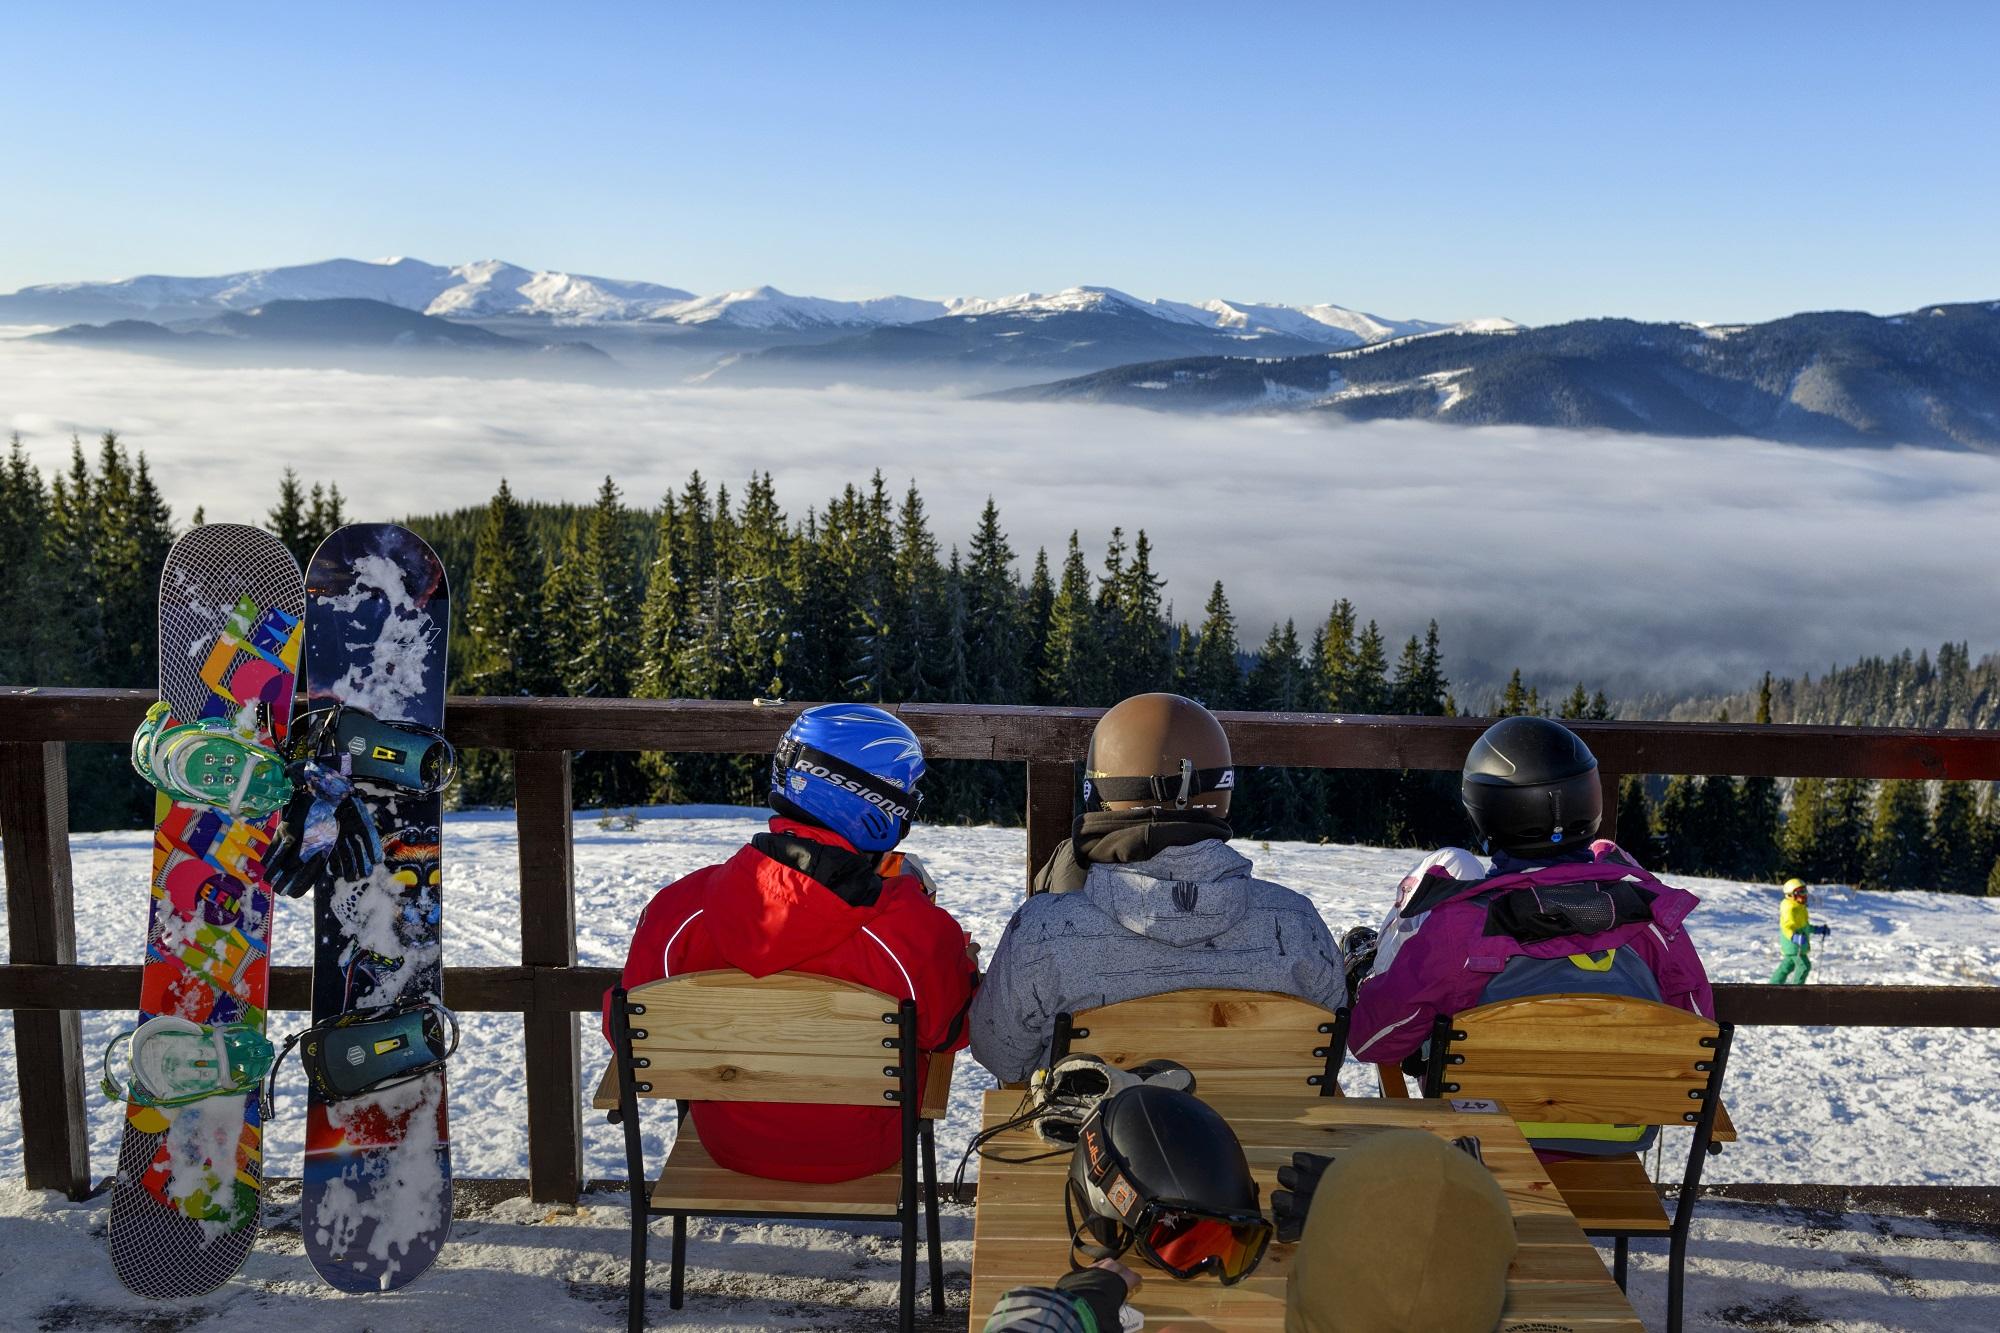 Отпуск в ноябре. Куда поехать? Источник фото: Shutterstock